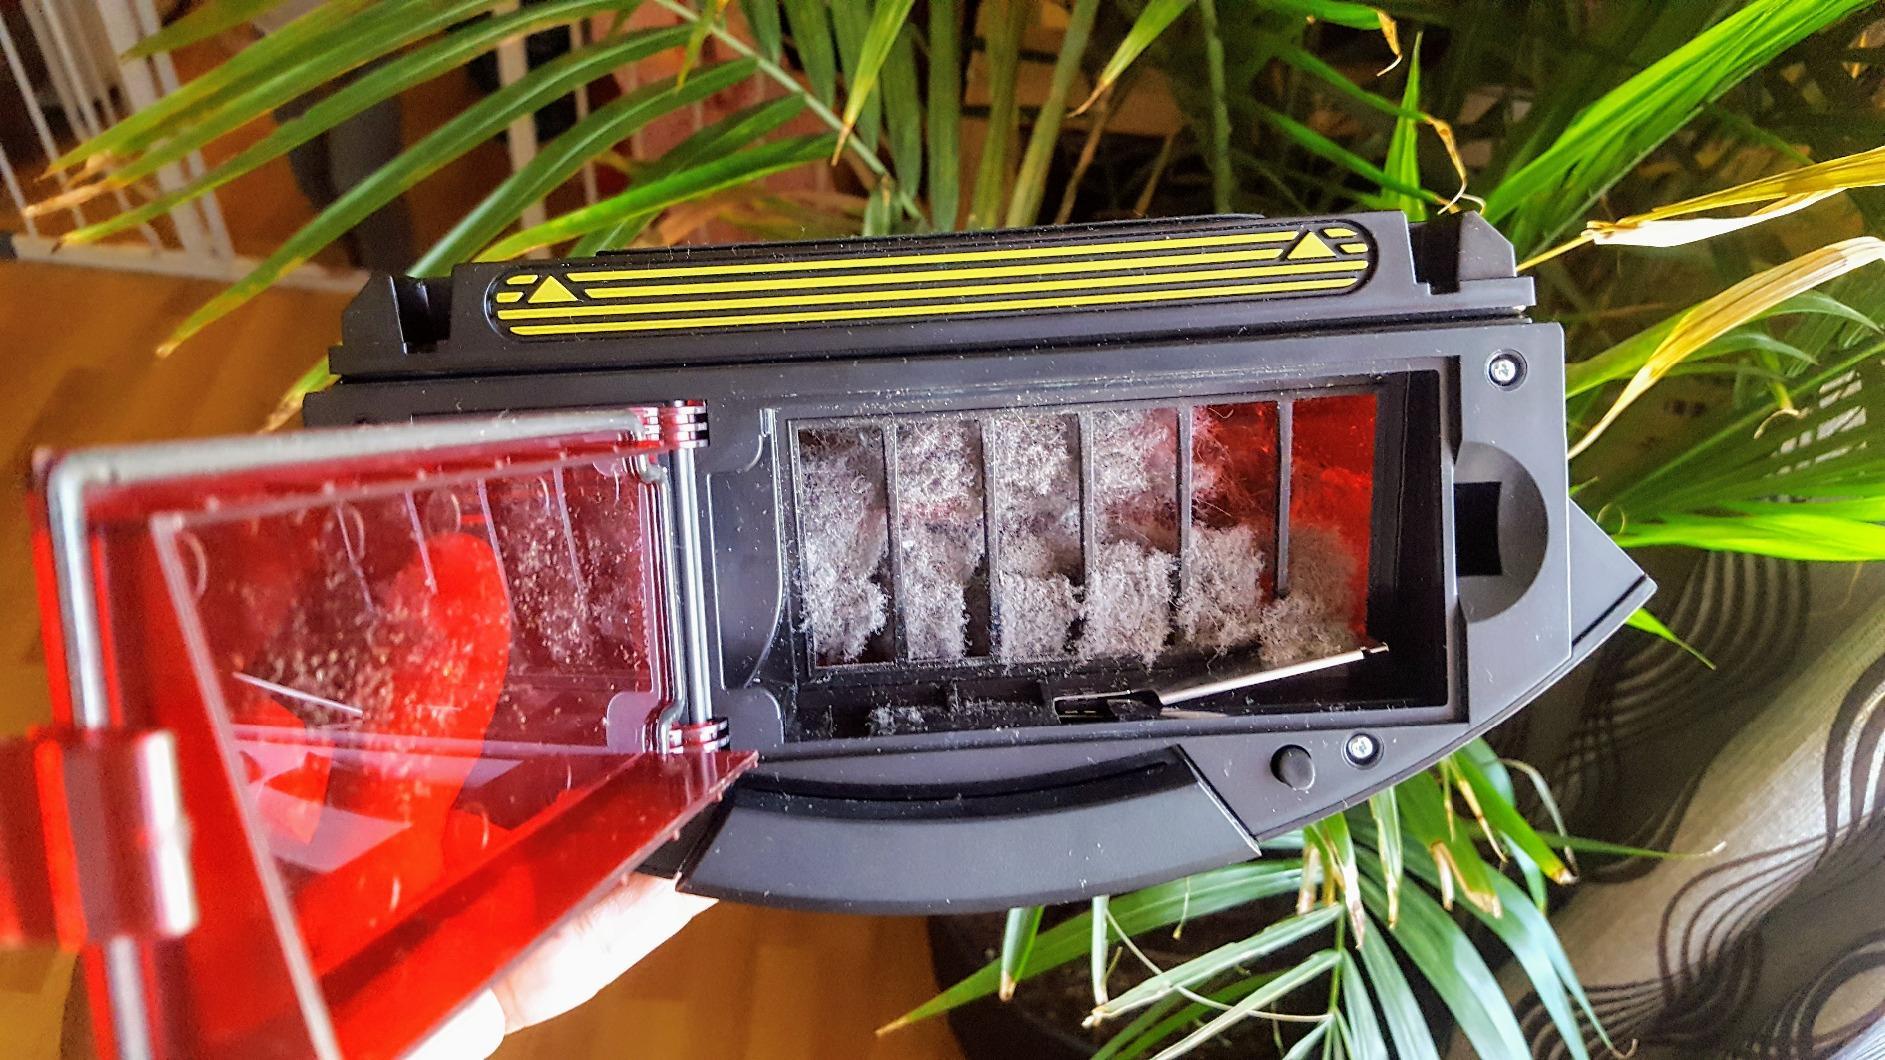 iRobot Roomba 890 dustbin